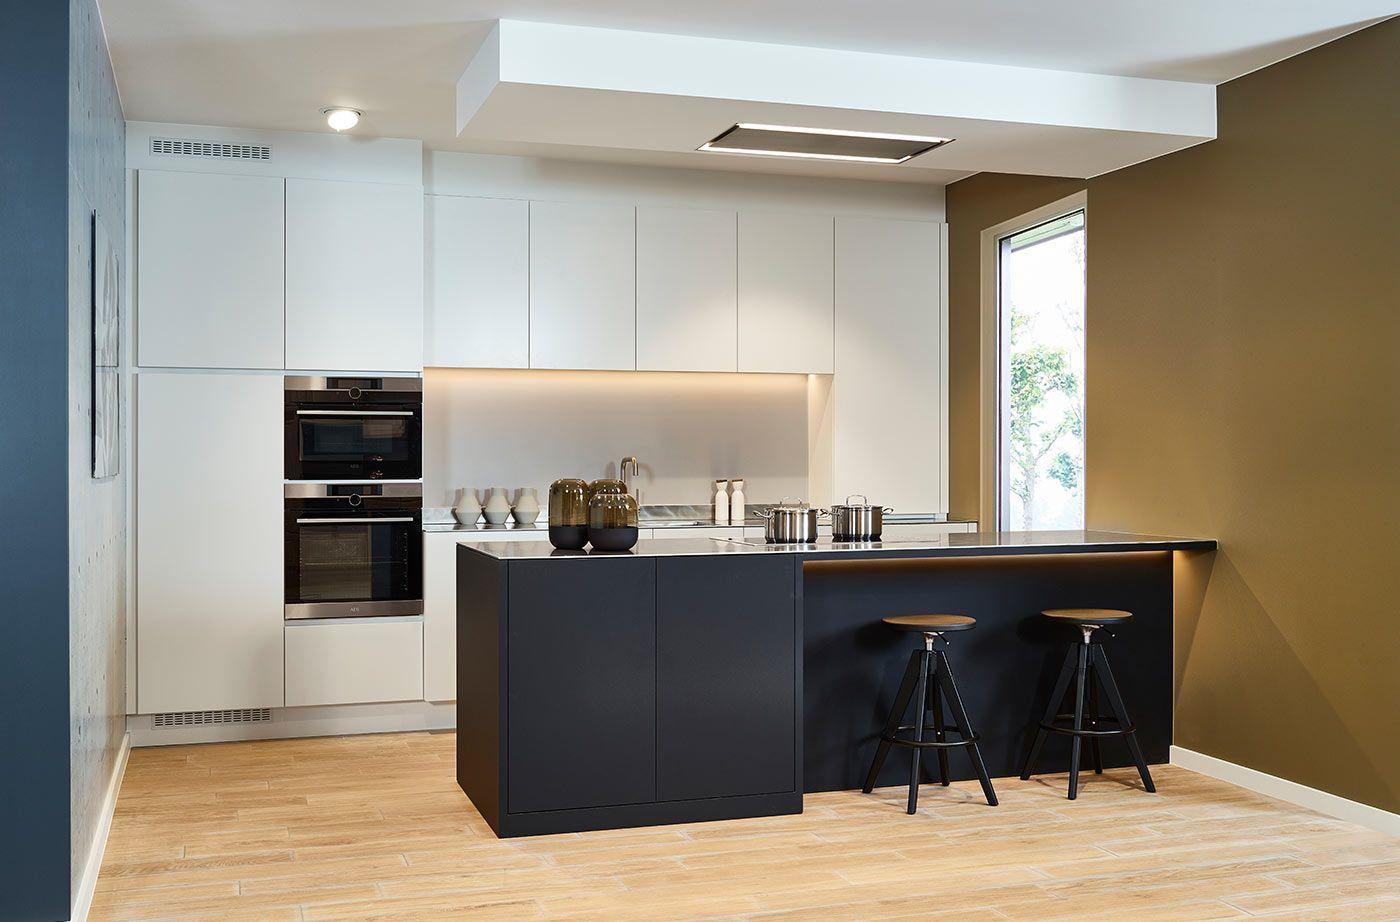 Inox Design Keukens : Design keuken met combinatie kerngekleurd frontlaminaat en mat